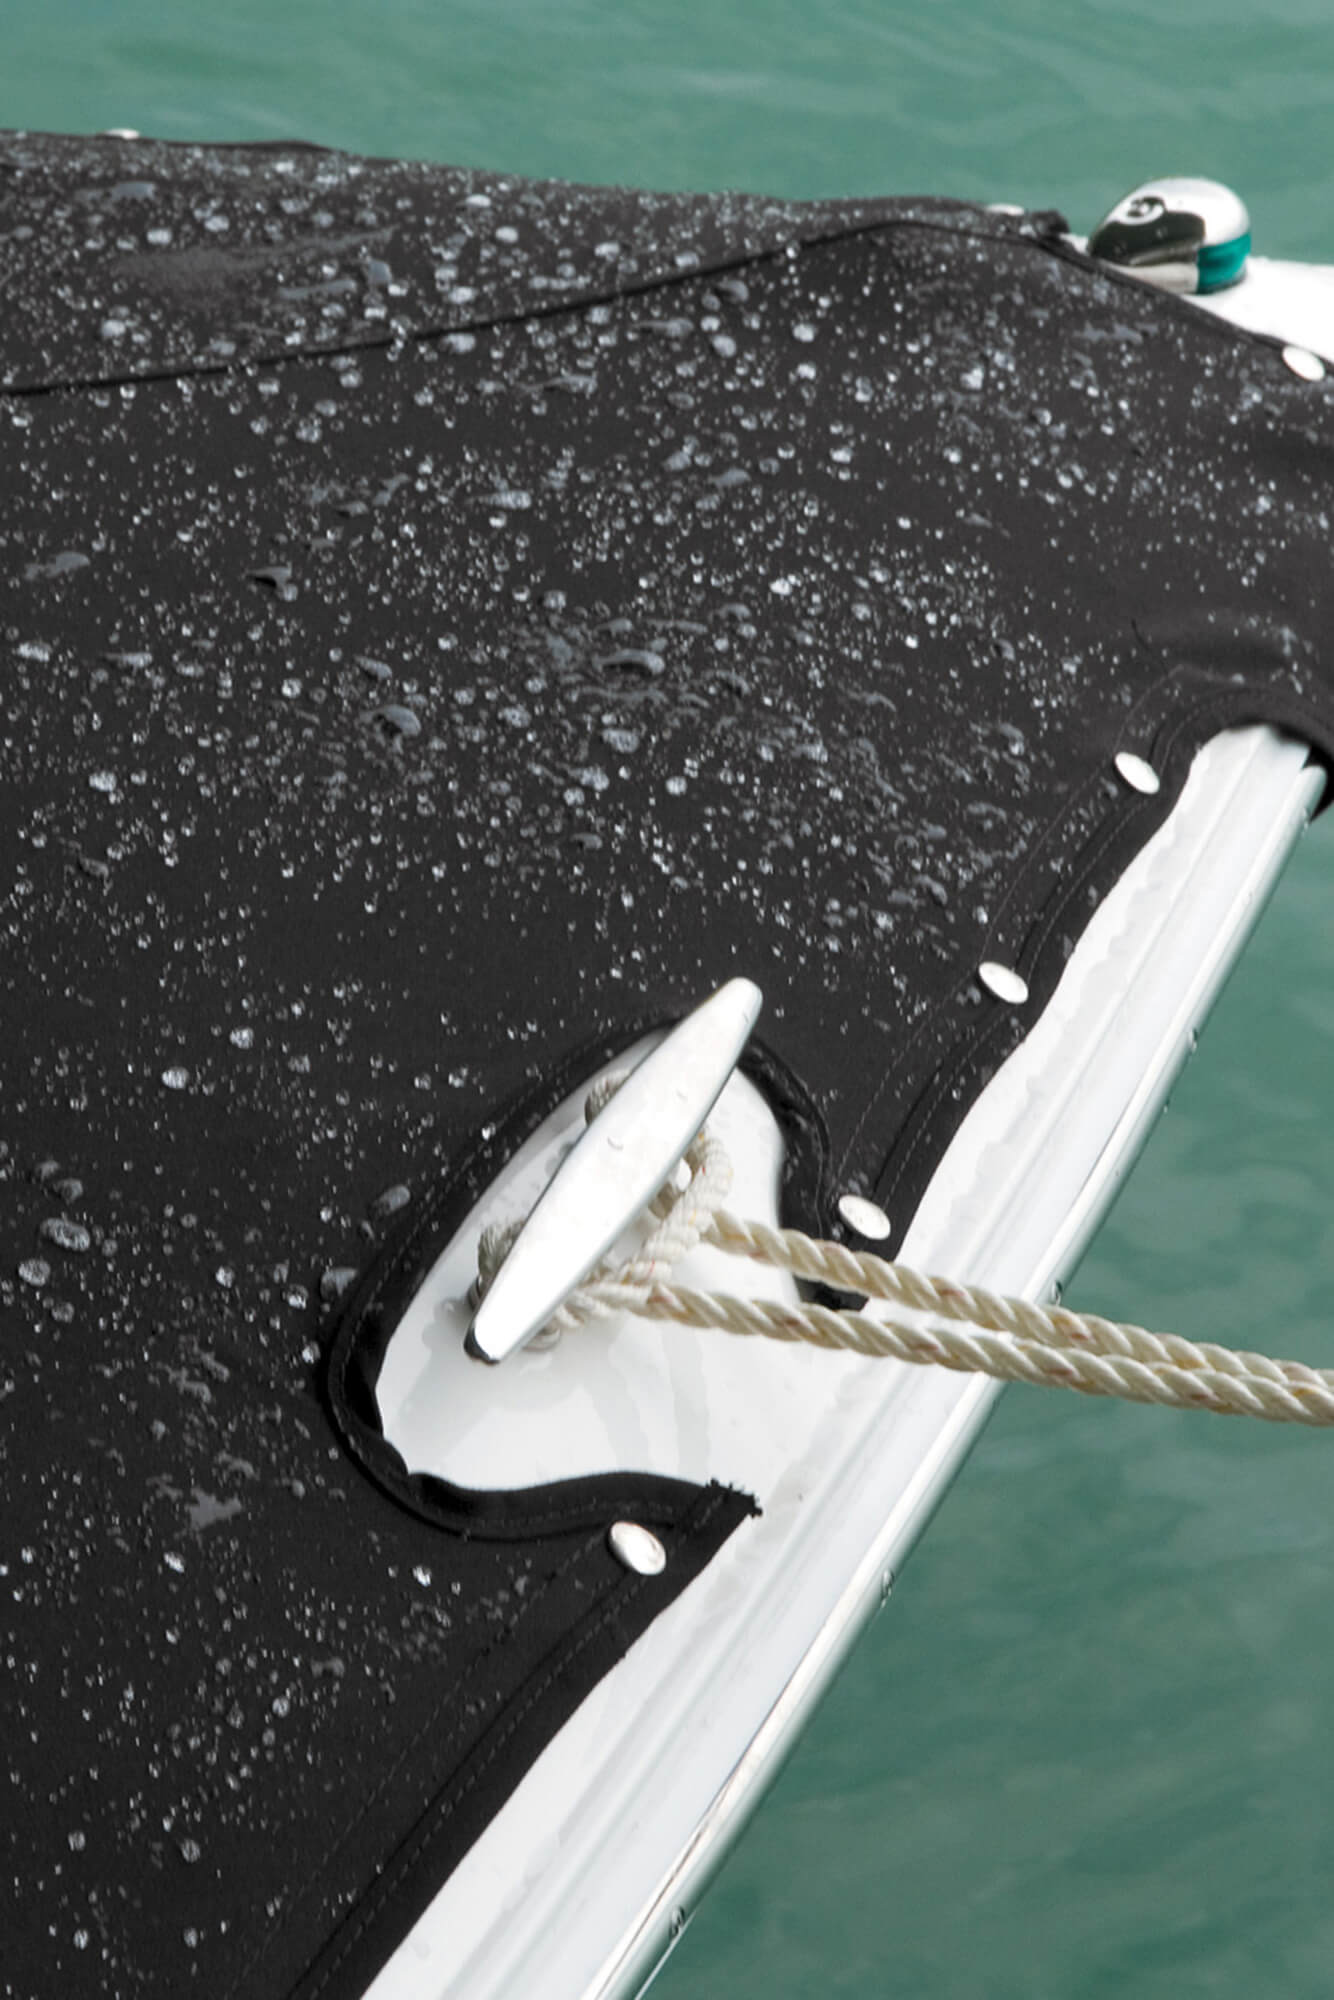 汽艇船首带有由黑色 Sunbrella 织物制成的船罩。